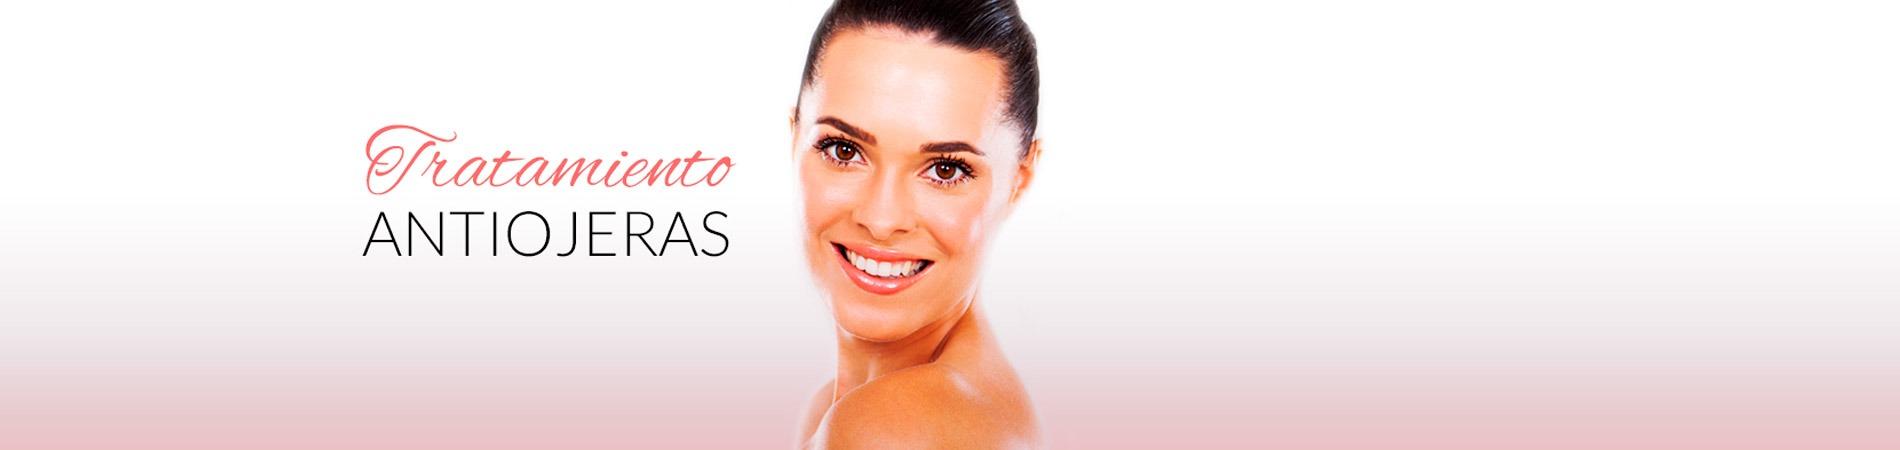 Quitar ojeras con ácido hialurónico clinicasdiegodeleon